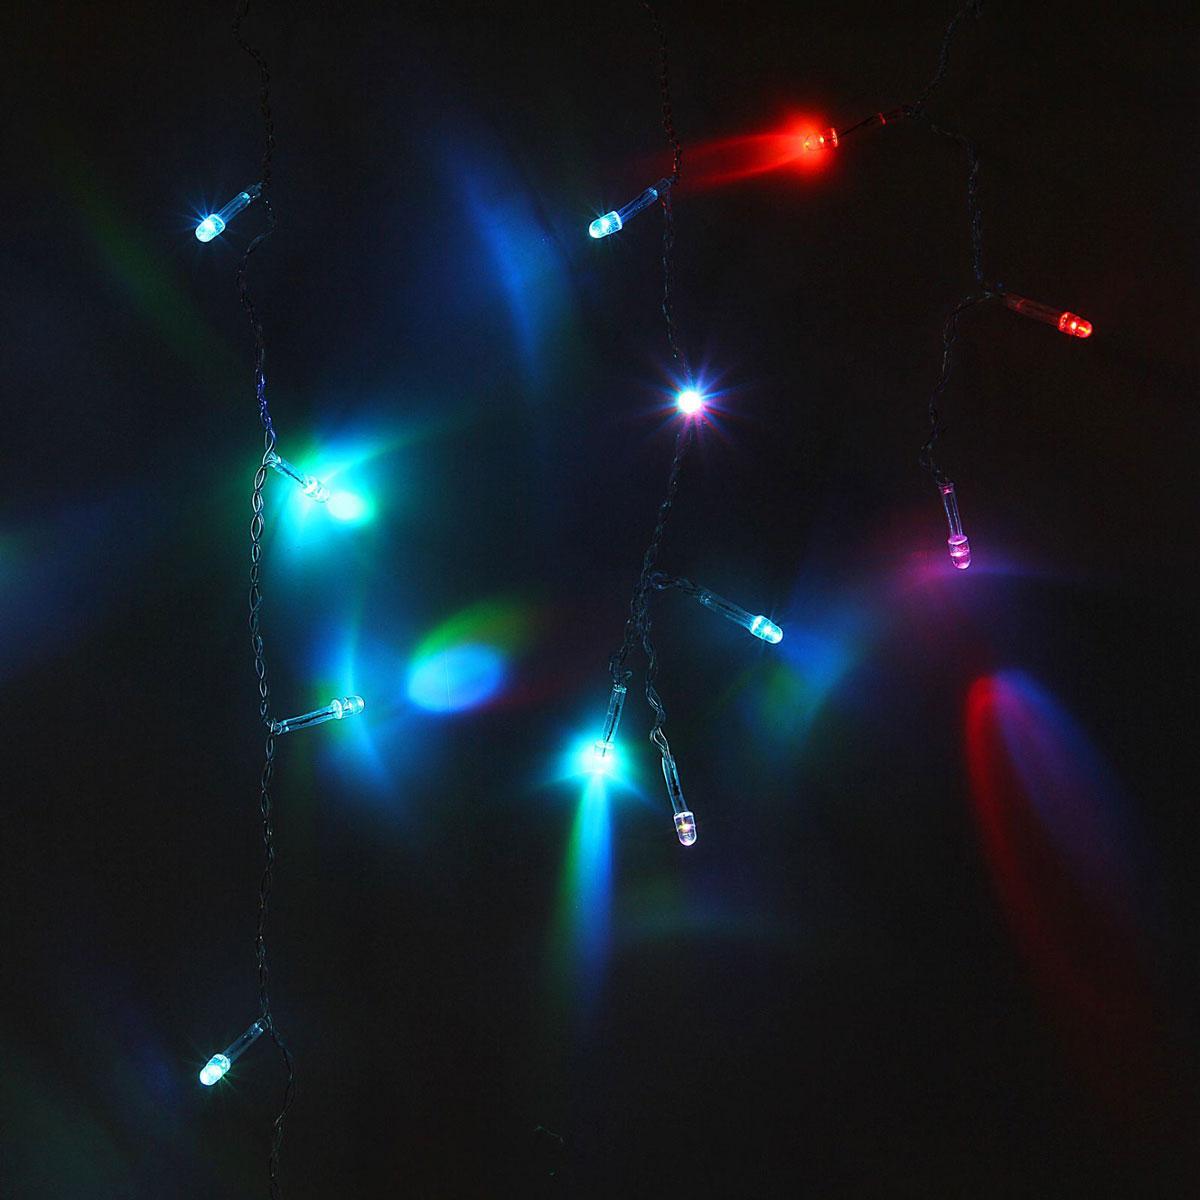 Гирлянда светодиодная Luazon Бахрома, моргает, 120 ламп, 220 V, цвет: мультиколор, 2,4 х 0,6 м. 10804141080414Светодиодные гирлянды, ленты и т.д — это отличный вариант для новогоднего оформления интерьера или фасада. С их помощью помещение любого размера можно превратить в праздничный зал, а внешние элементы зданий, украшенные ими, мгновенно станут напоминать очертания сказочного дворца. Такие украшения создают ауру предвкушения чуда. Деревья, фасады, витрины, окна и арки будто специально созданы, чтобы вы украсили их светящимися нитями.